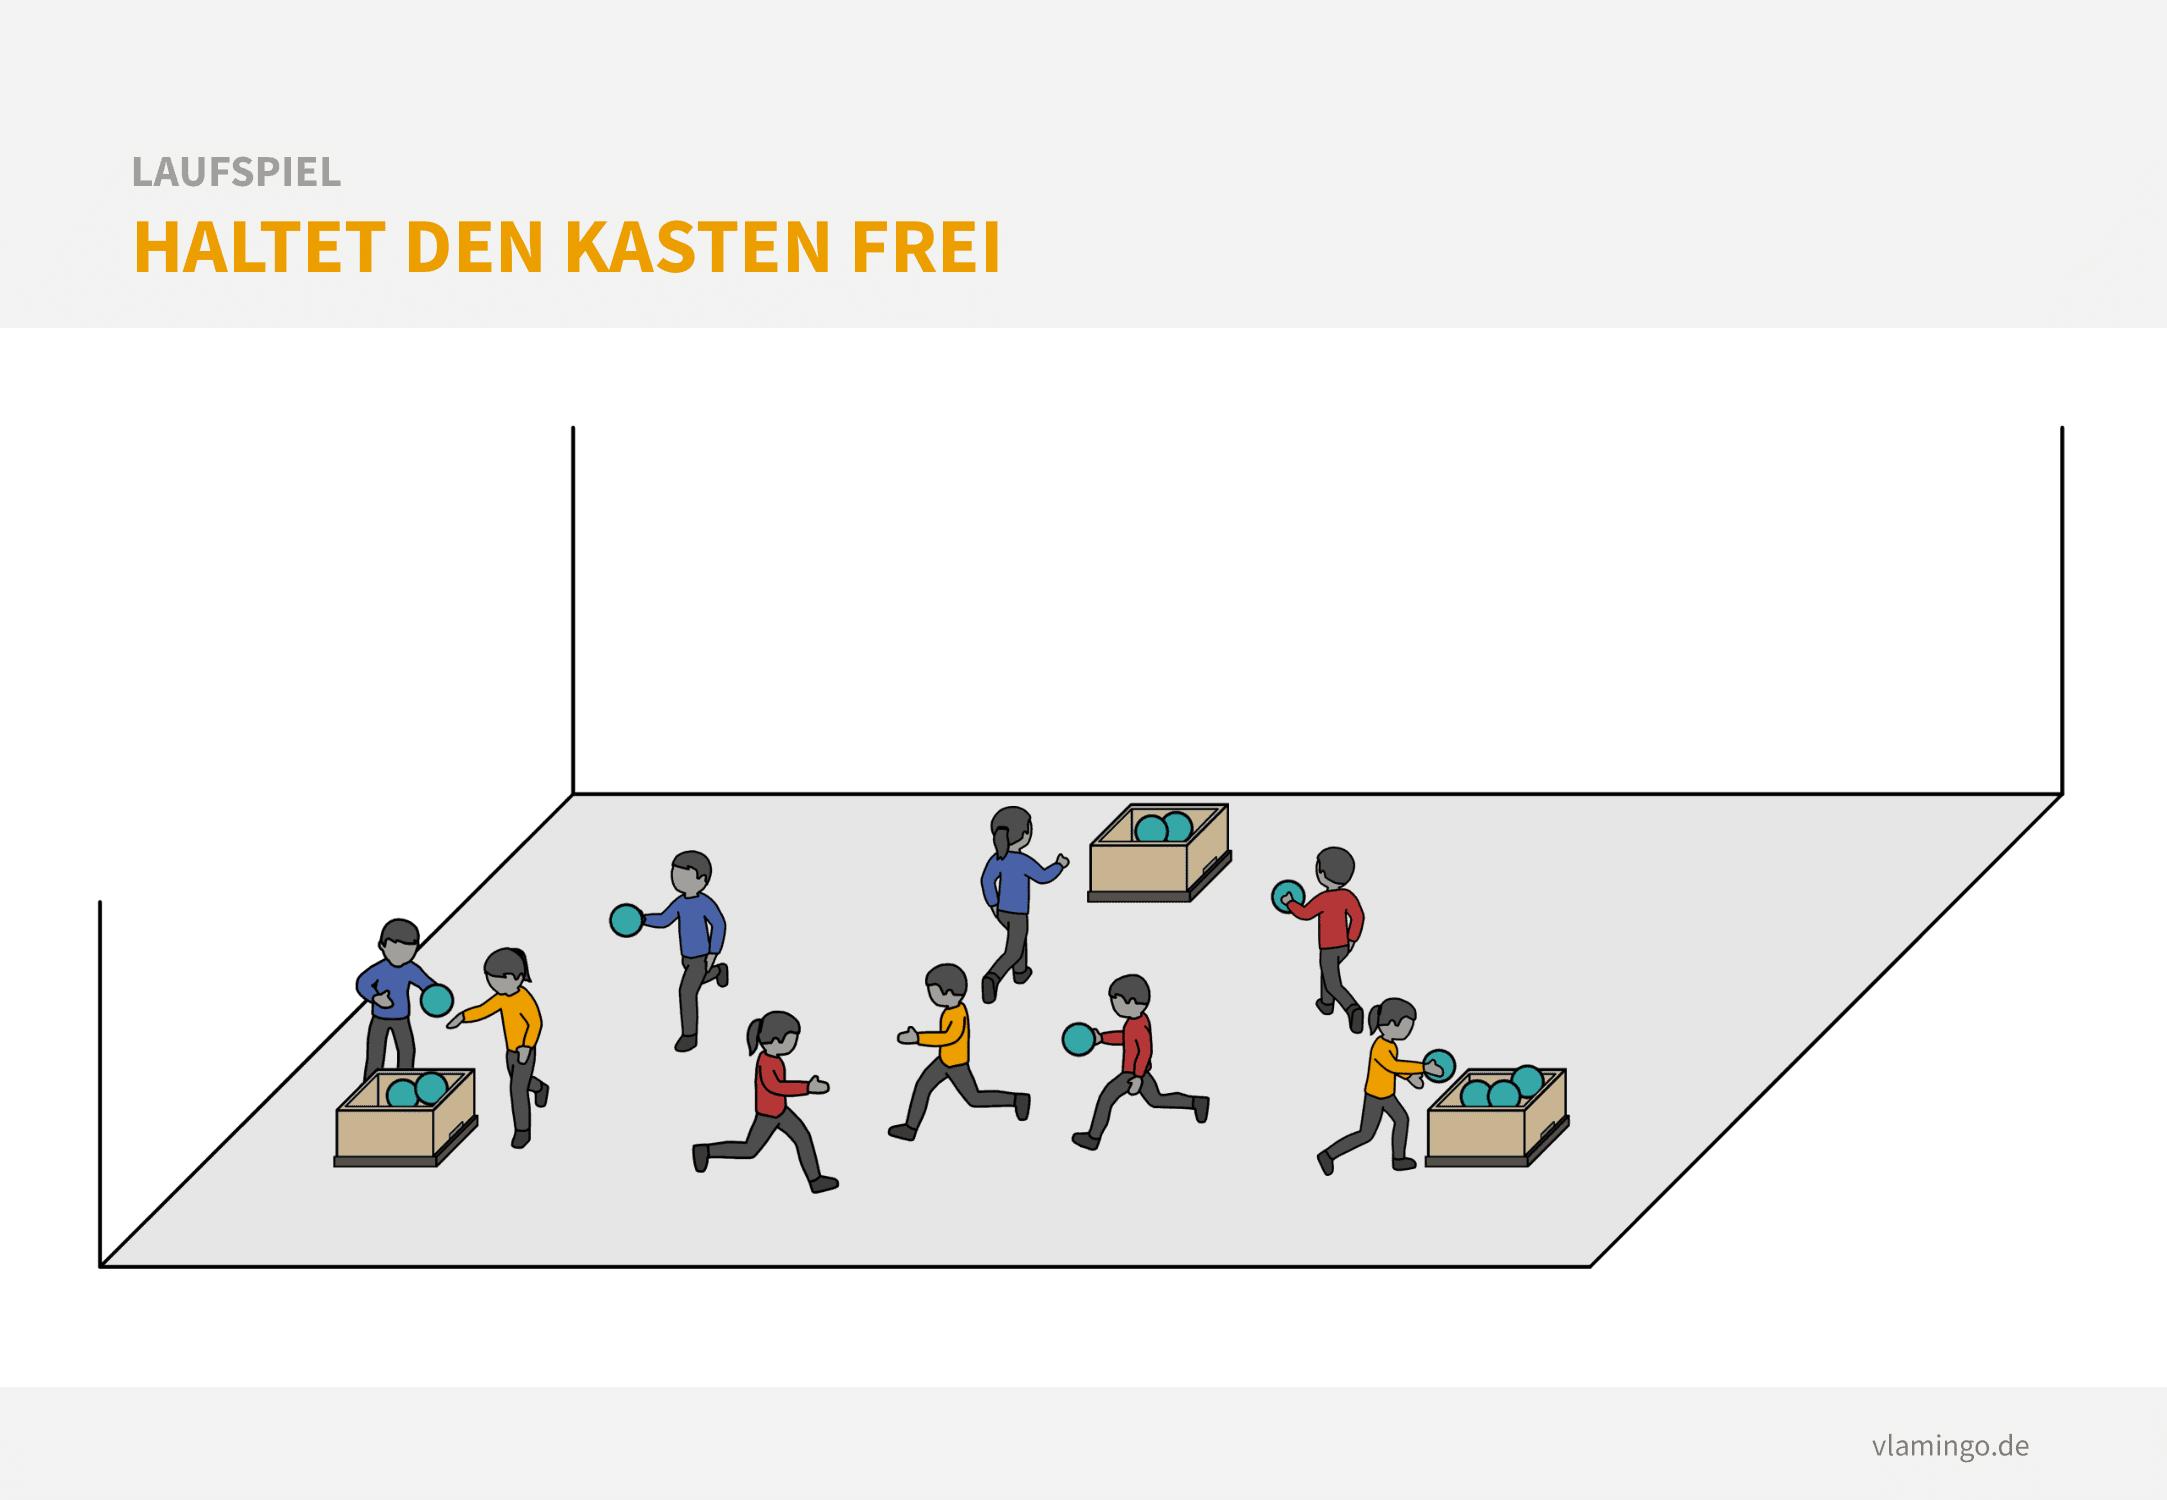 Laufspiel - Haltet den Kasten frei